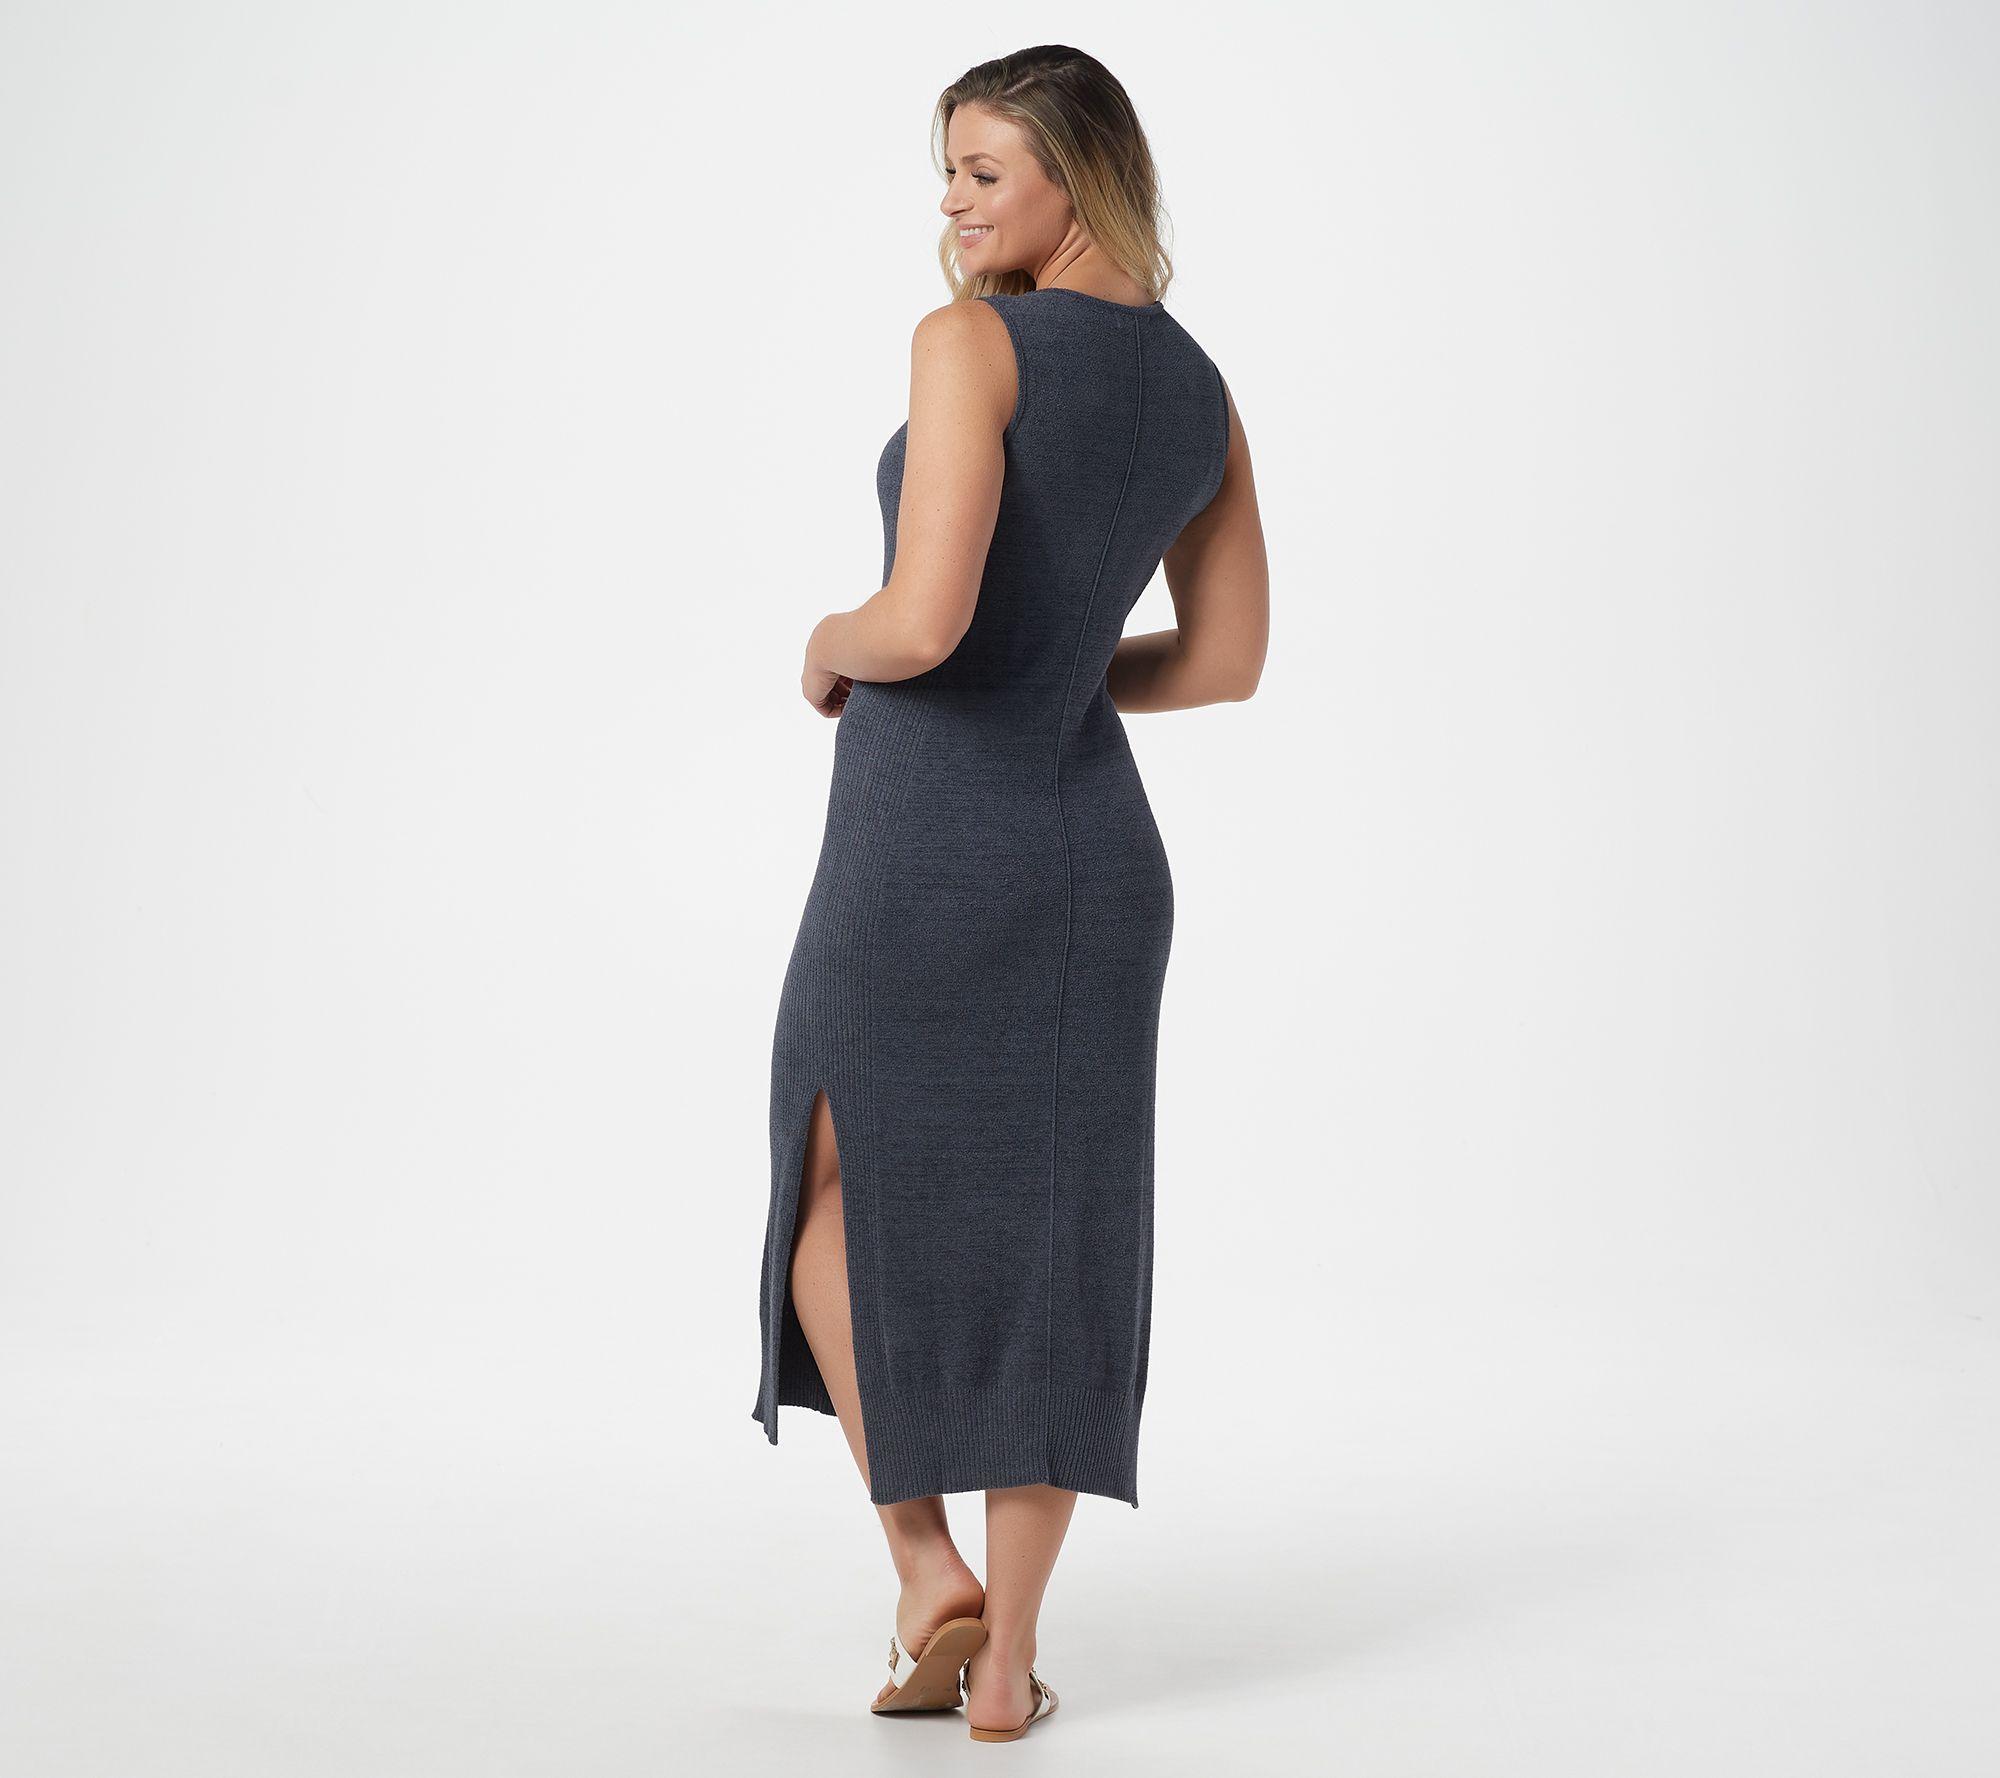 8a014e07e149 Barefoot Dreams Petite Cozychic Ultra Lite Maxi Dress - Page 1 — QVC.com